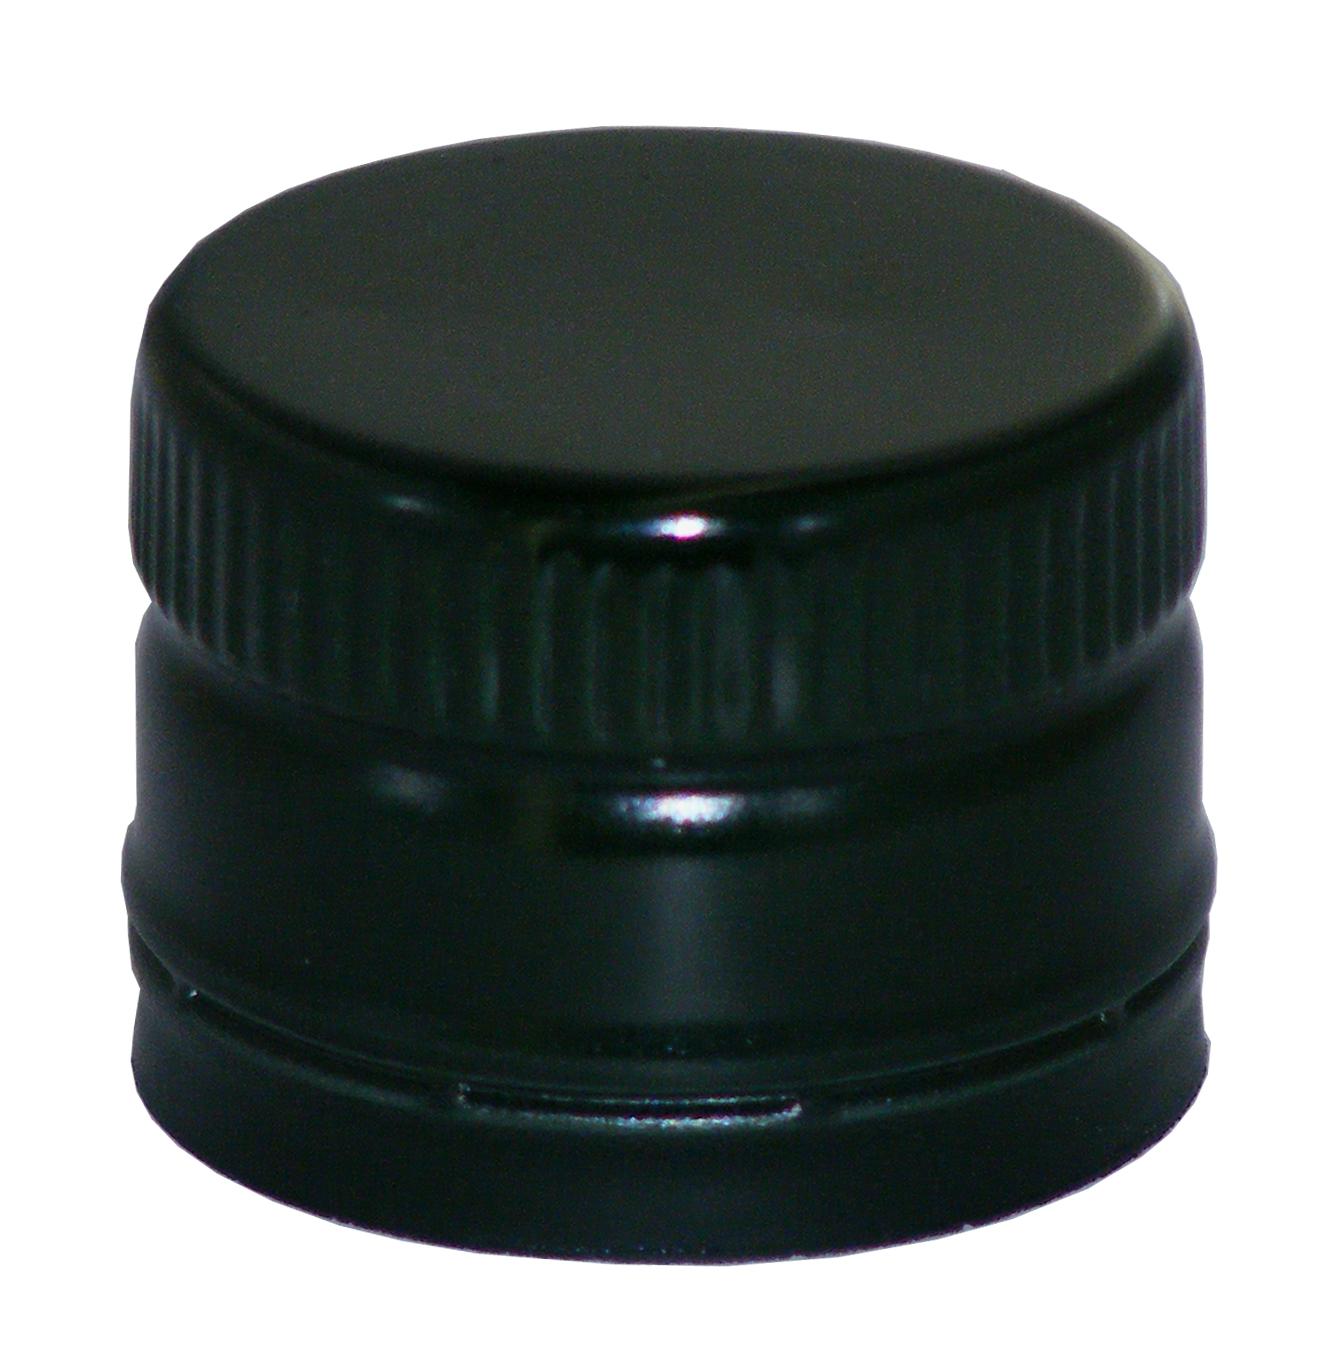 pp31 5 schraubverschluss schwarz alu mit ausgie er gewinde online kaufen. Black Bedroom Furniture Sets. Home Design Ideas